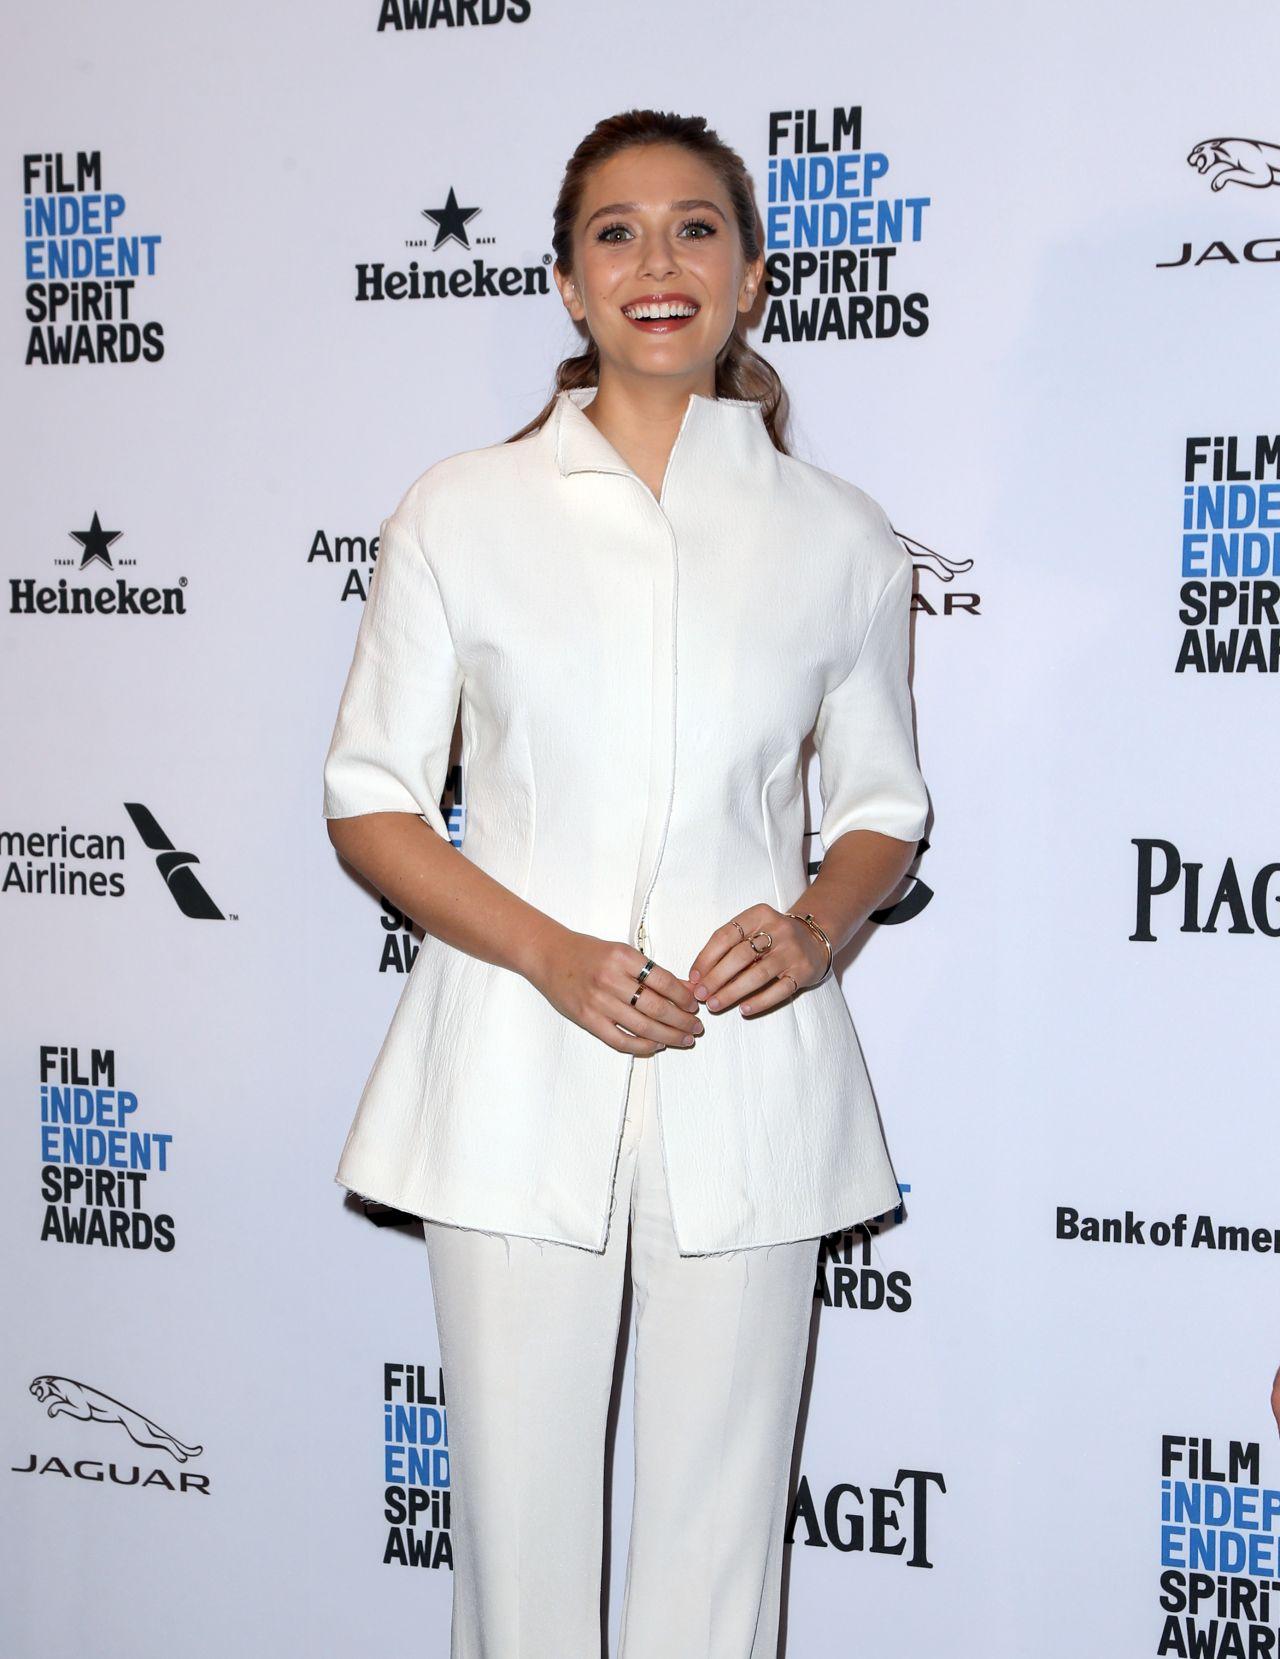 elizabeth-olsen-2015-film-independent-spirit-awards-nominations-press-conference-in-hollywood_6